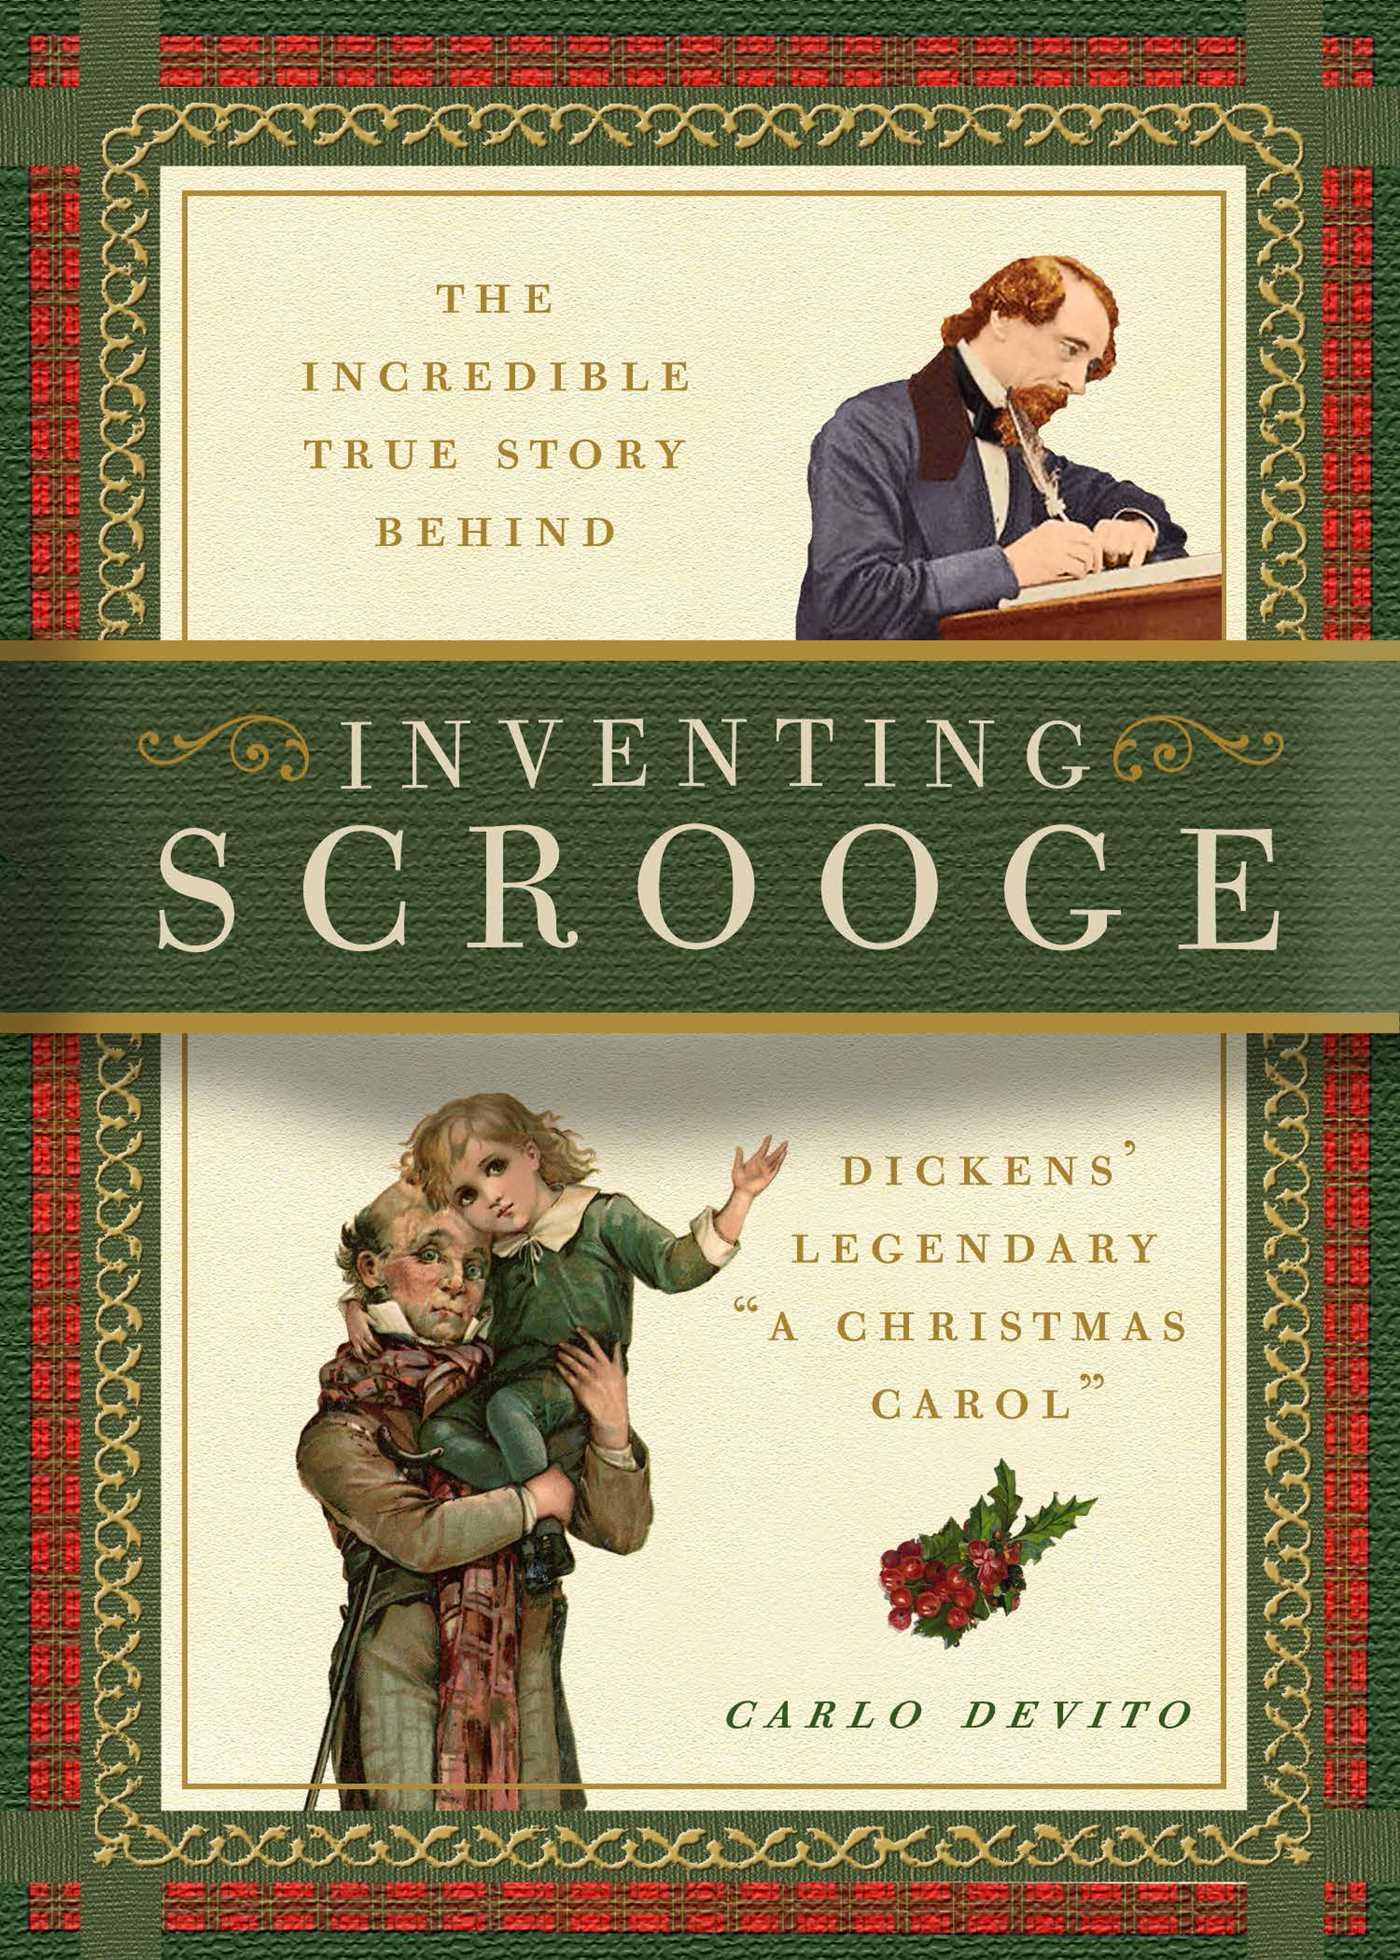 Inventing scrooge 9781604335002 hr